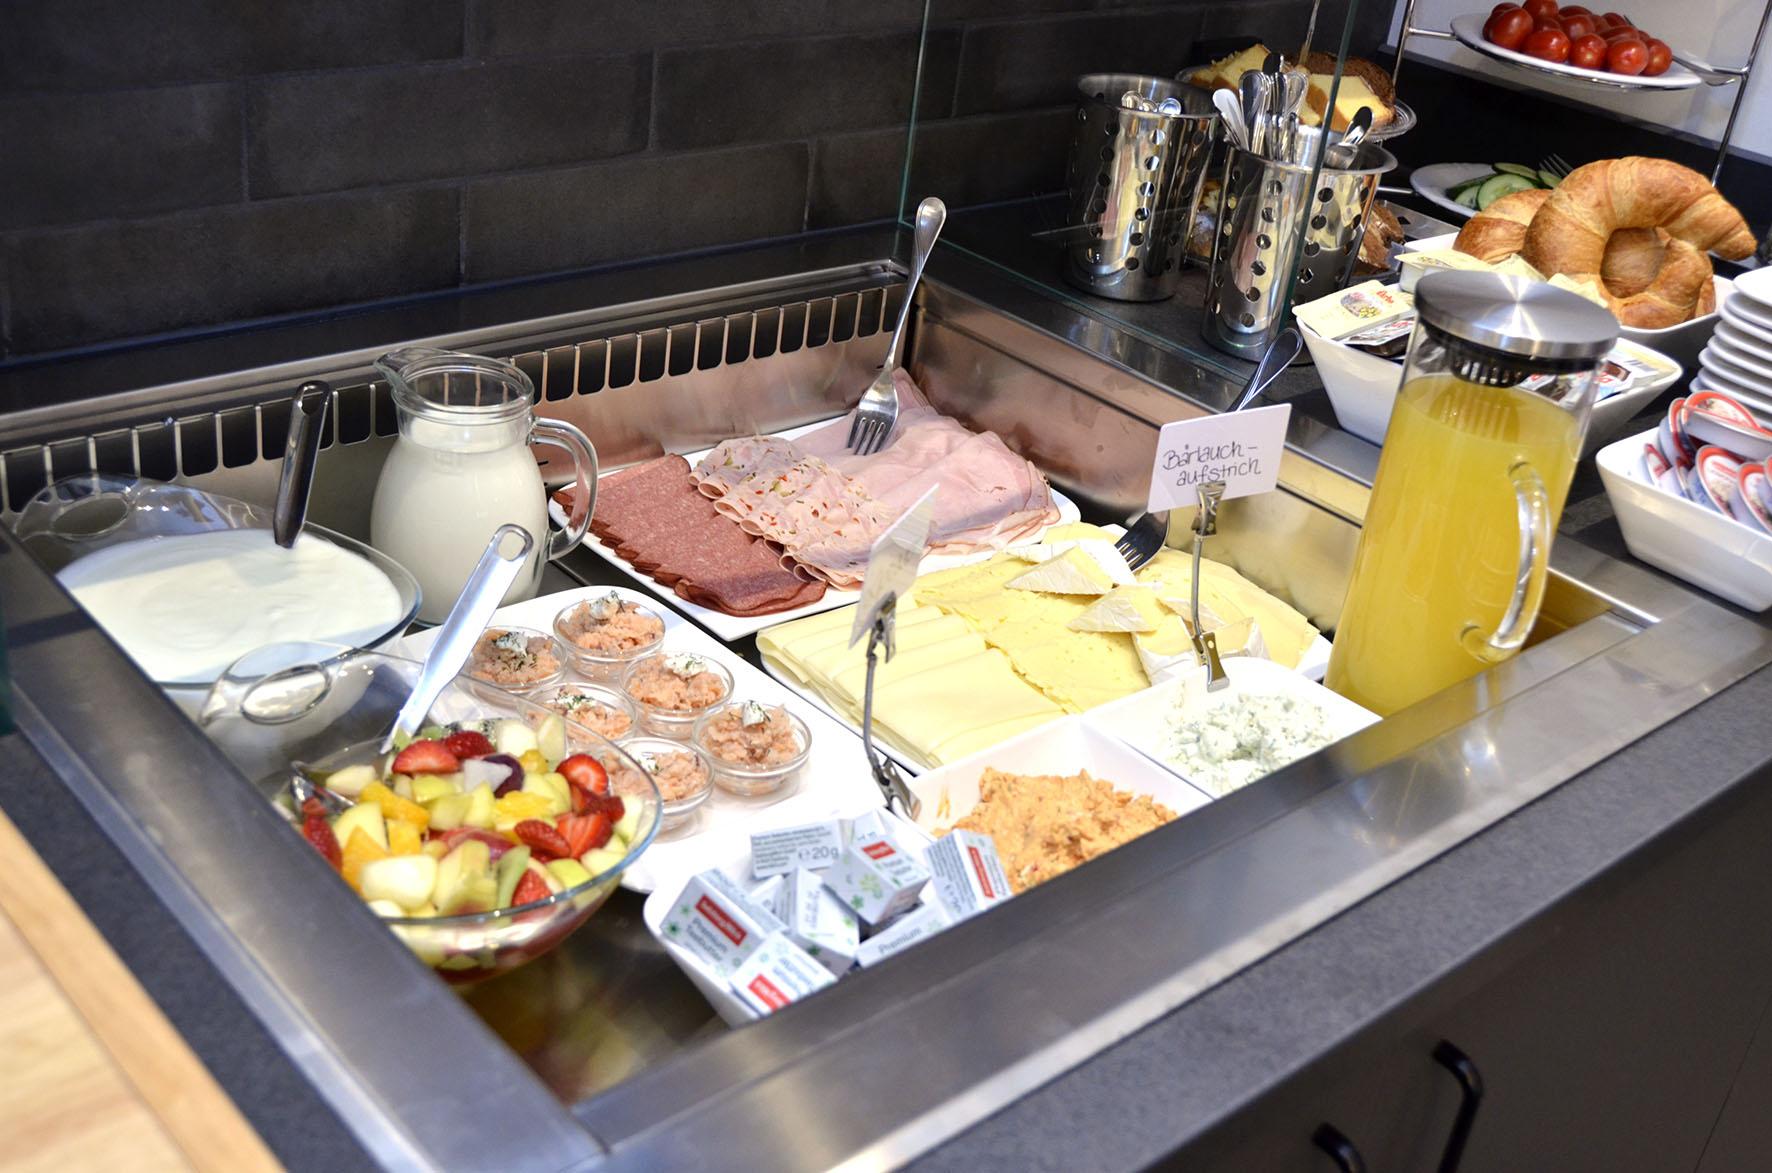 Frühstücksbuffet tägl. von 7:00 h bis 11:00 h.